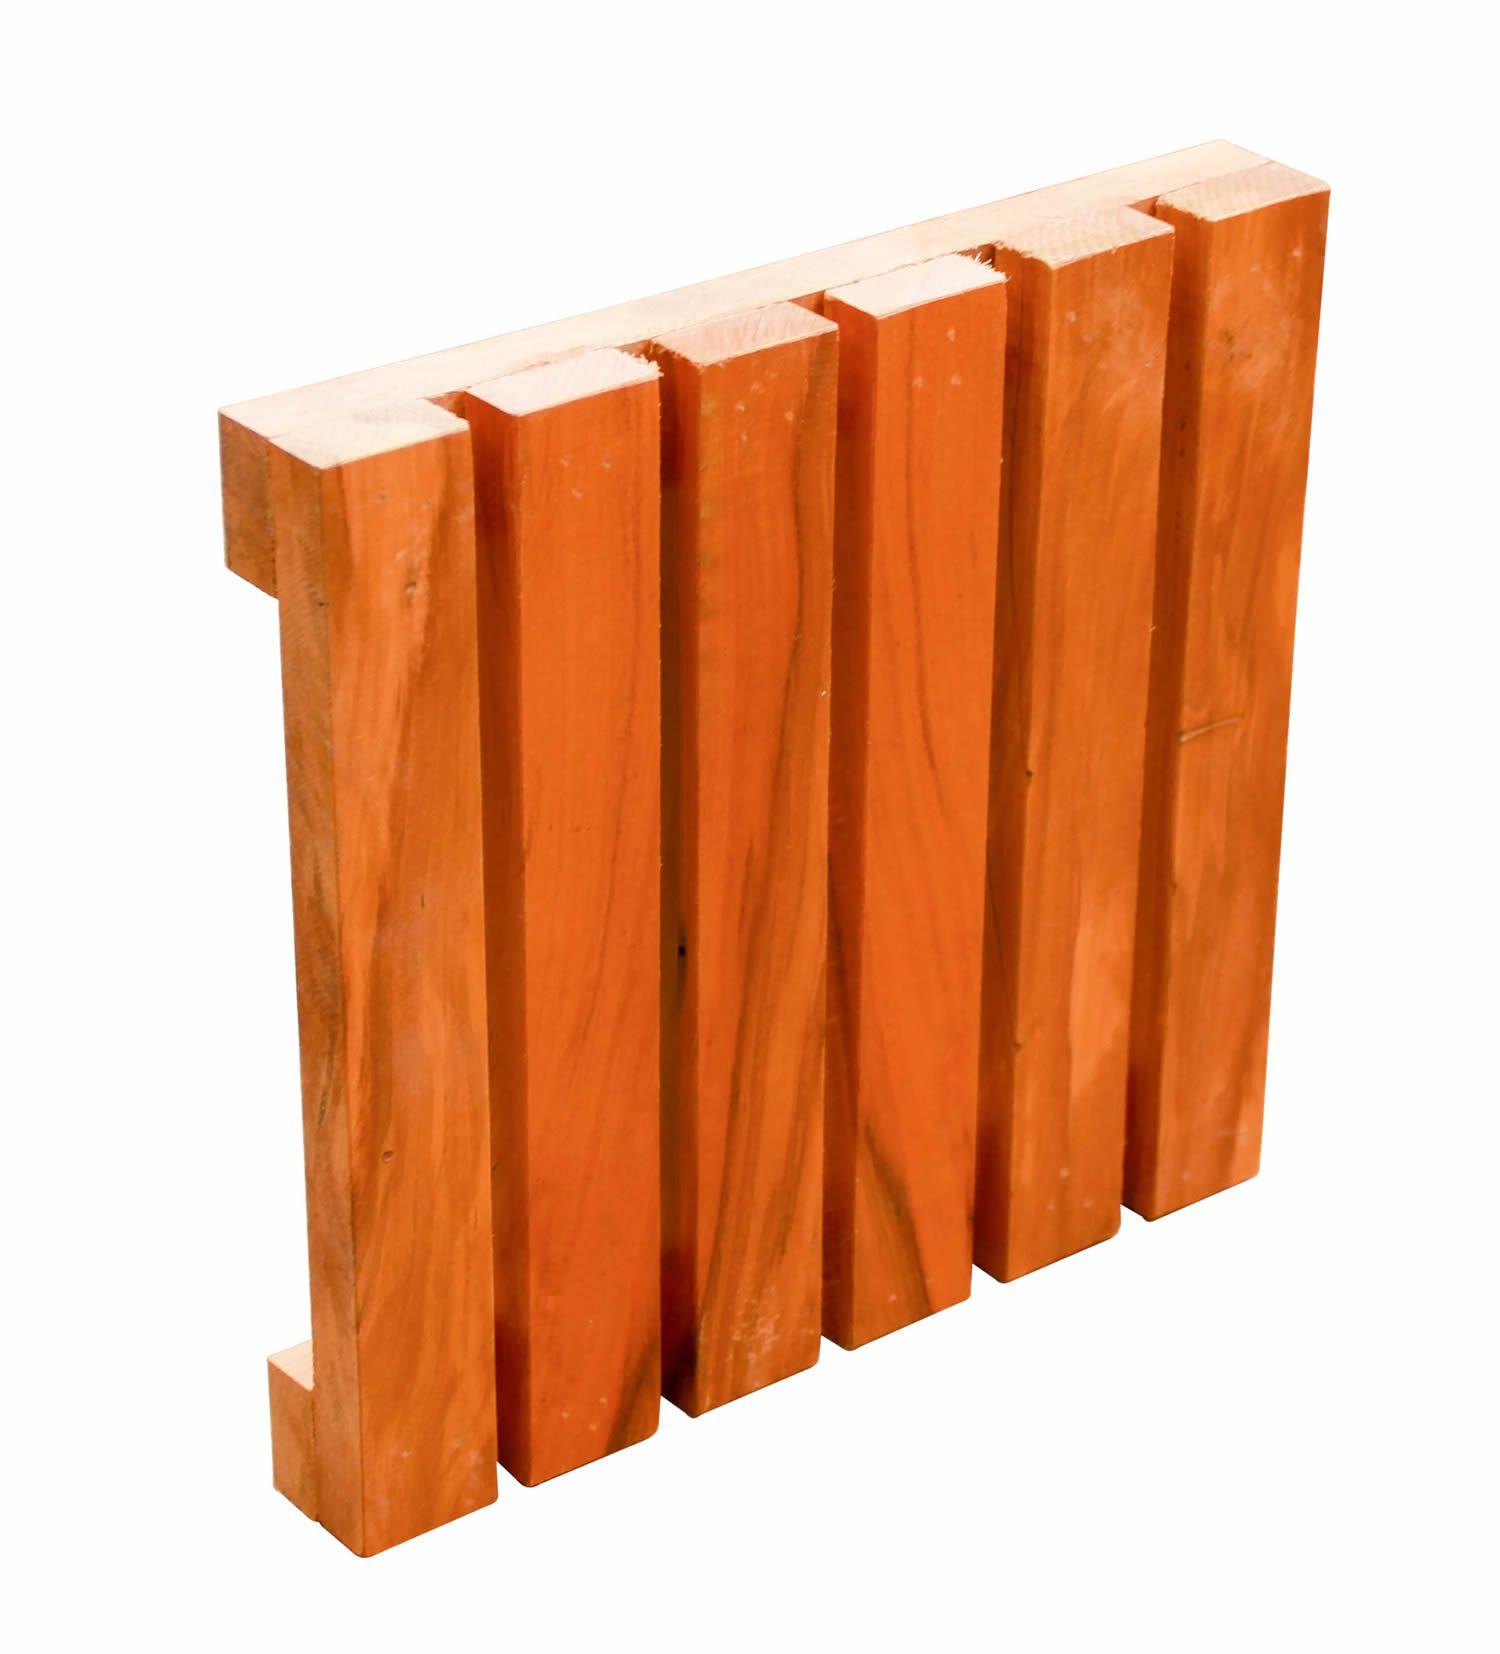 Kit 4 placas de Deck Em Madeira De Demolição Placas Modulares Madeira Maciça